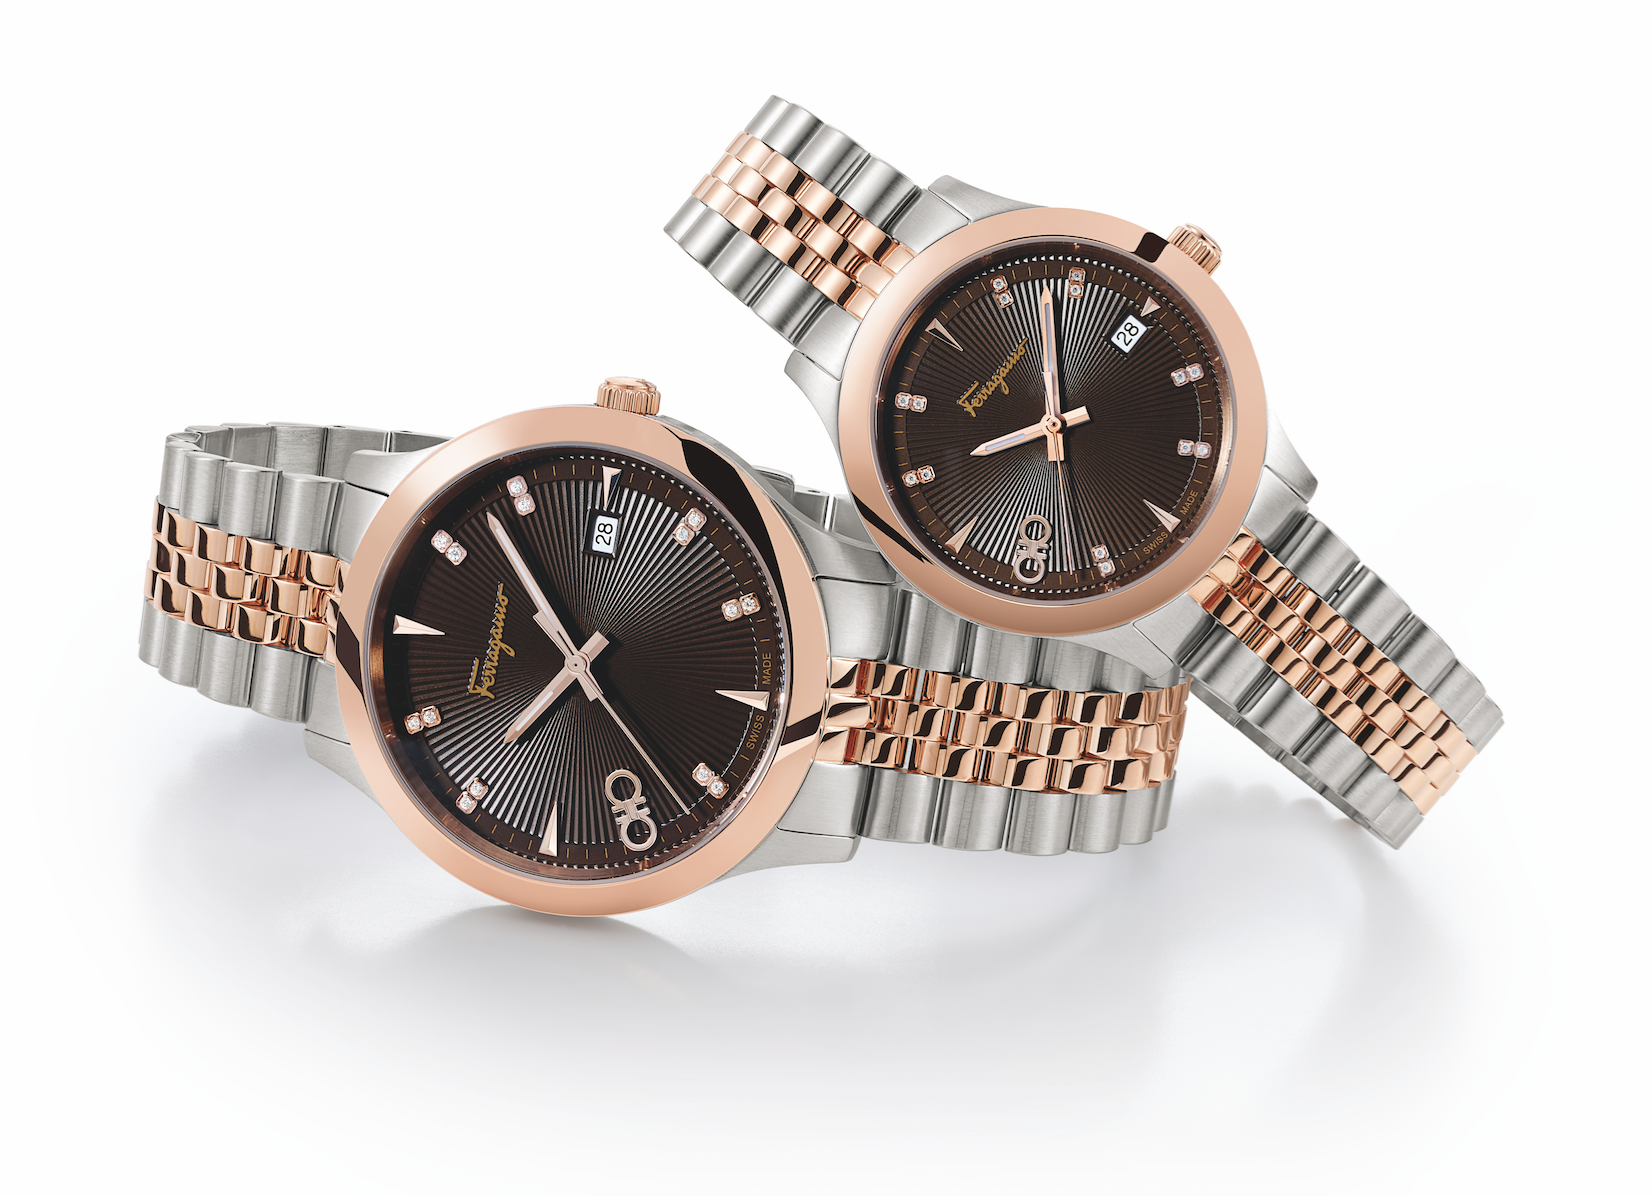 Relojes y joyas para regalar el 14 de febrero